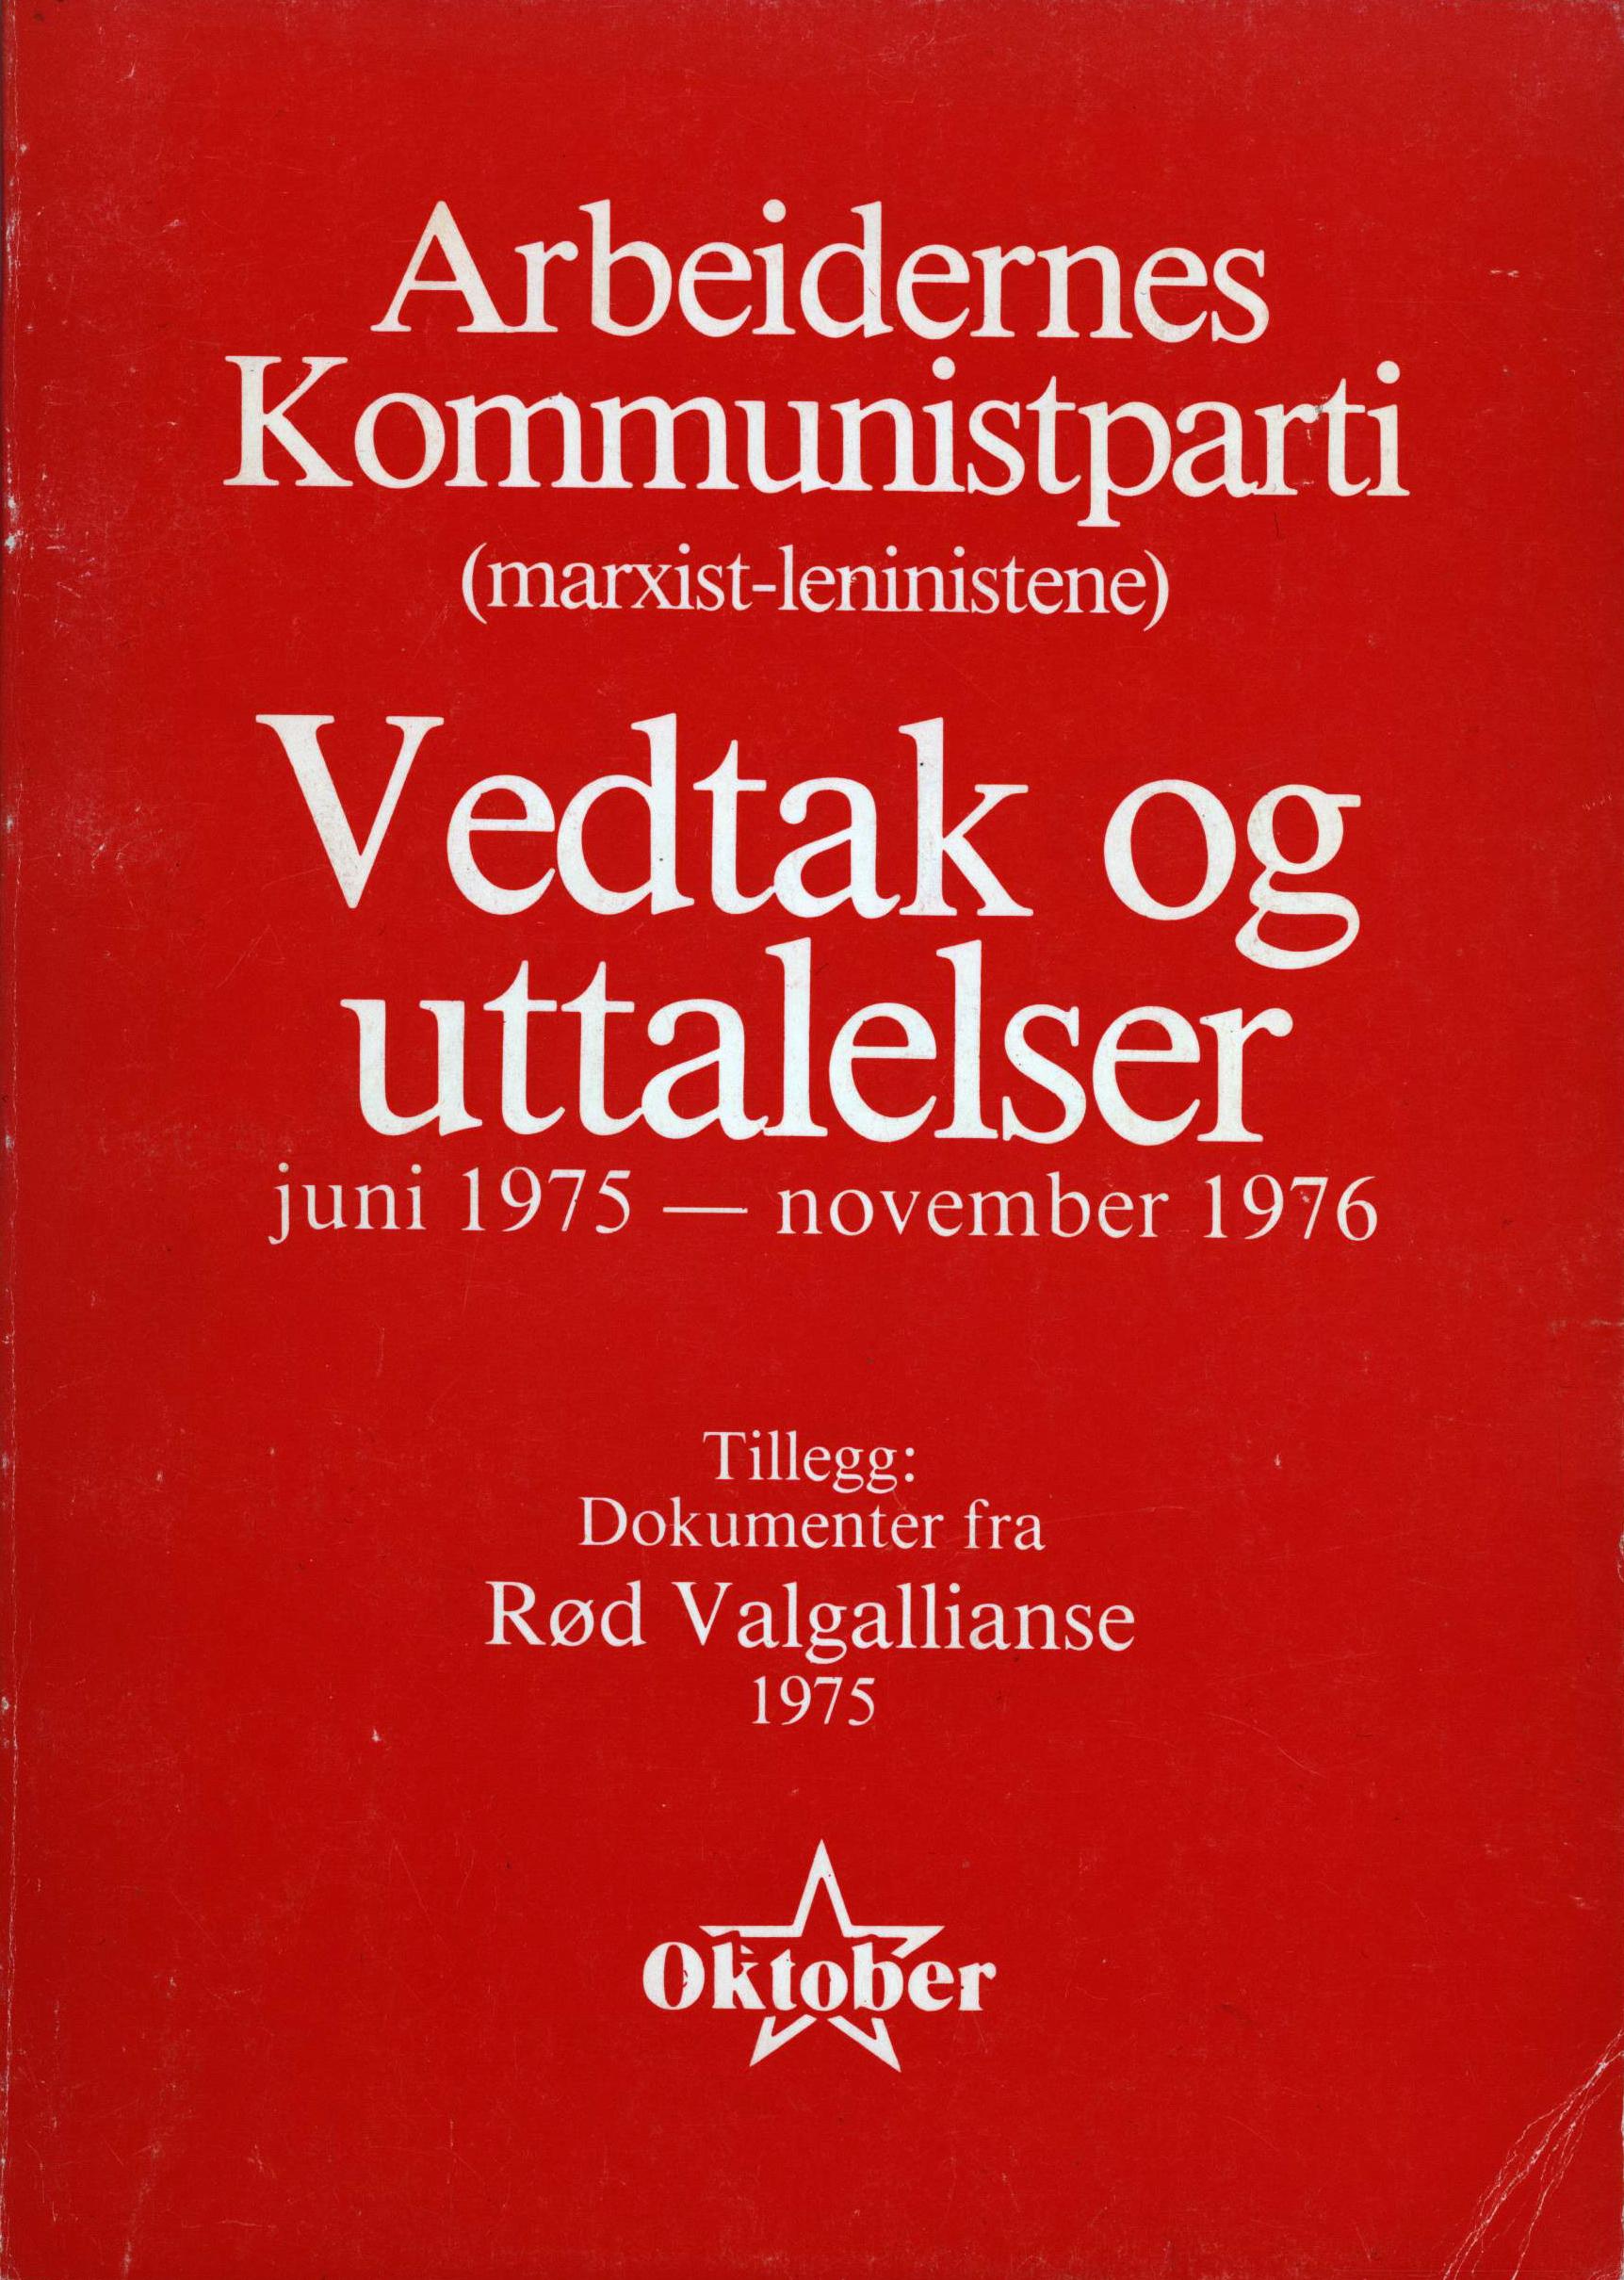 Arbeidernes Kommunistparti (marxist-leninistene): Vedtak og uttalelser juni 1975 - november 1976